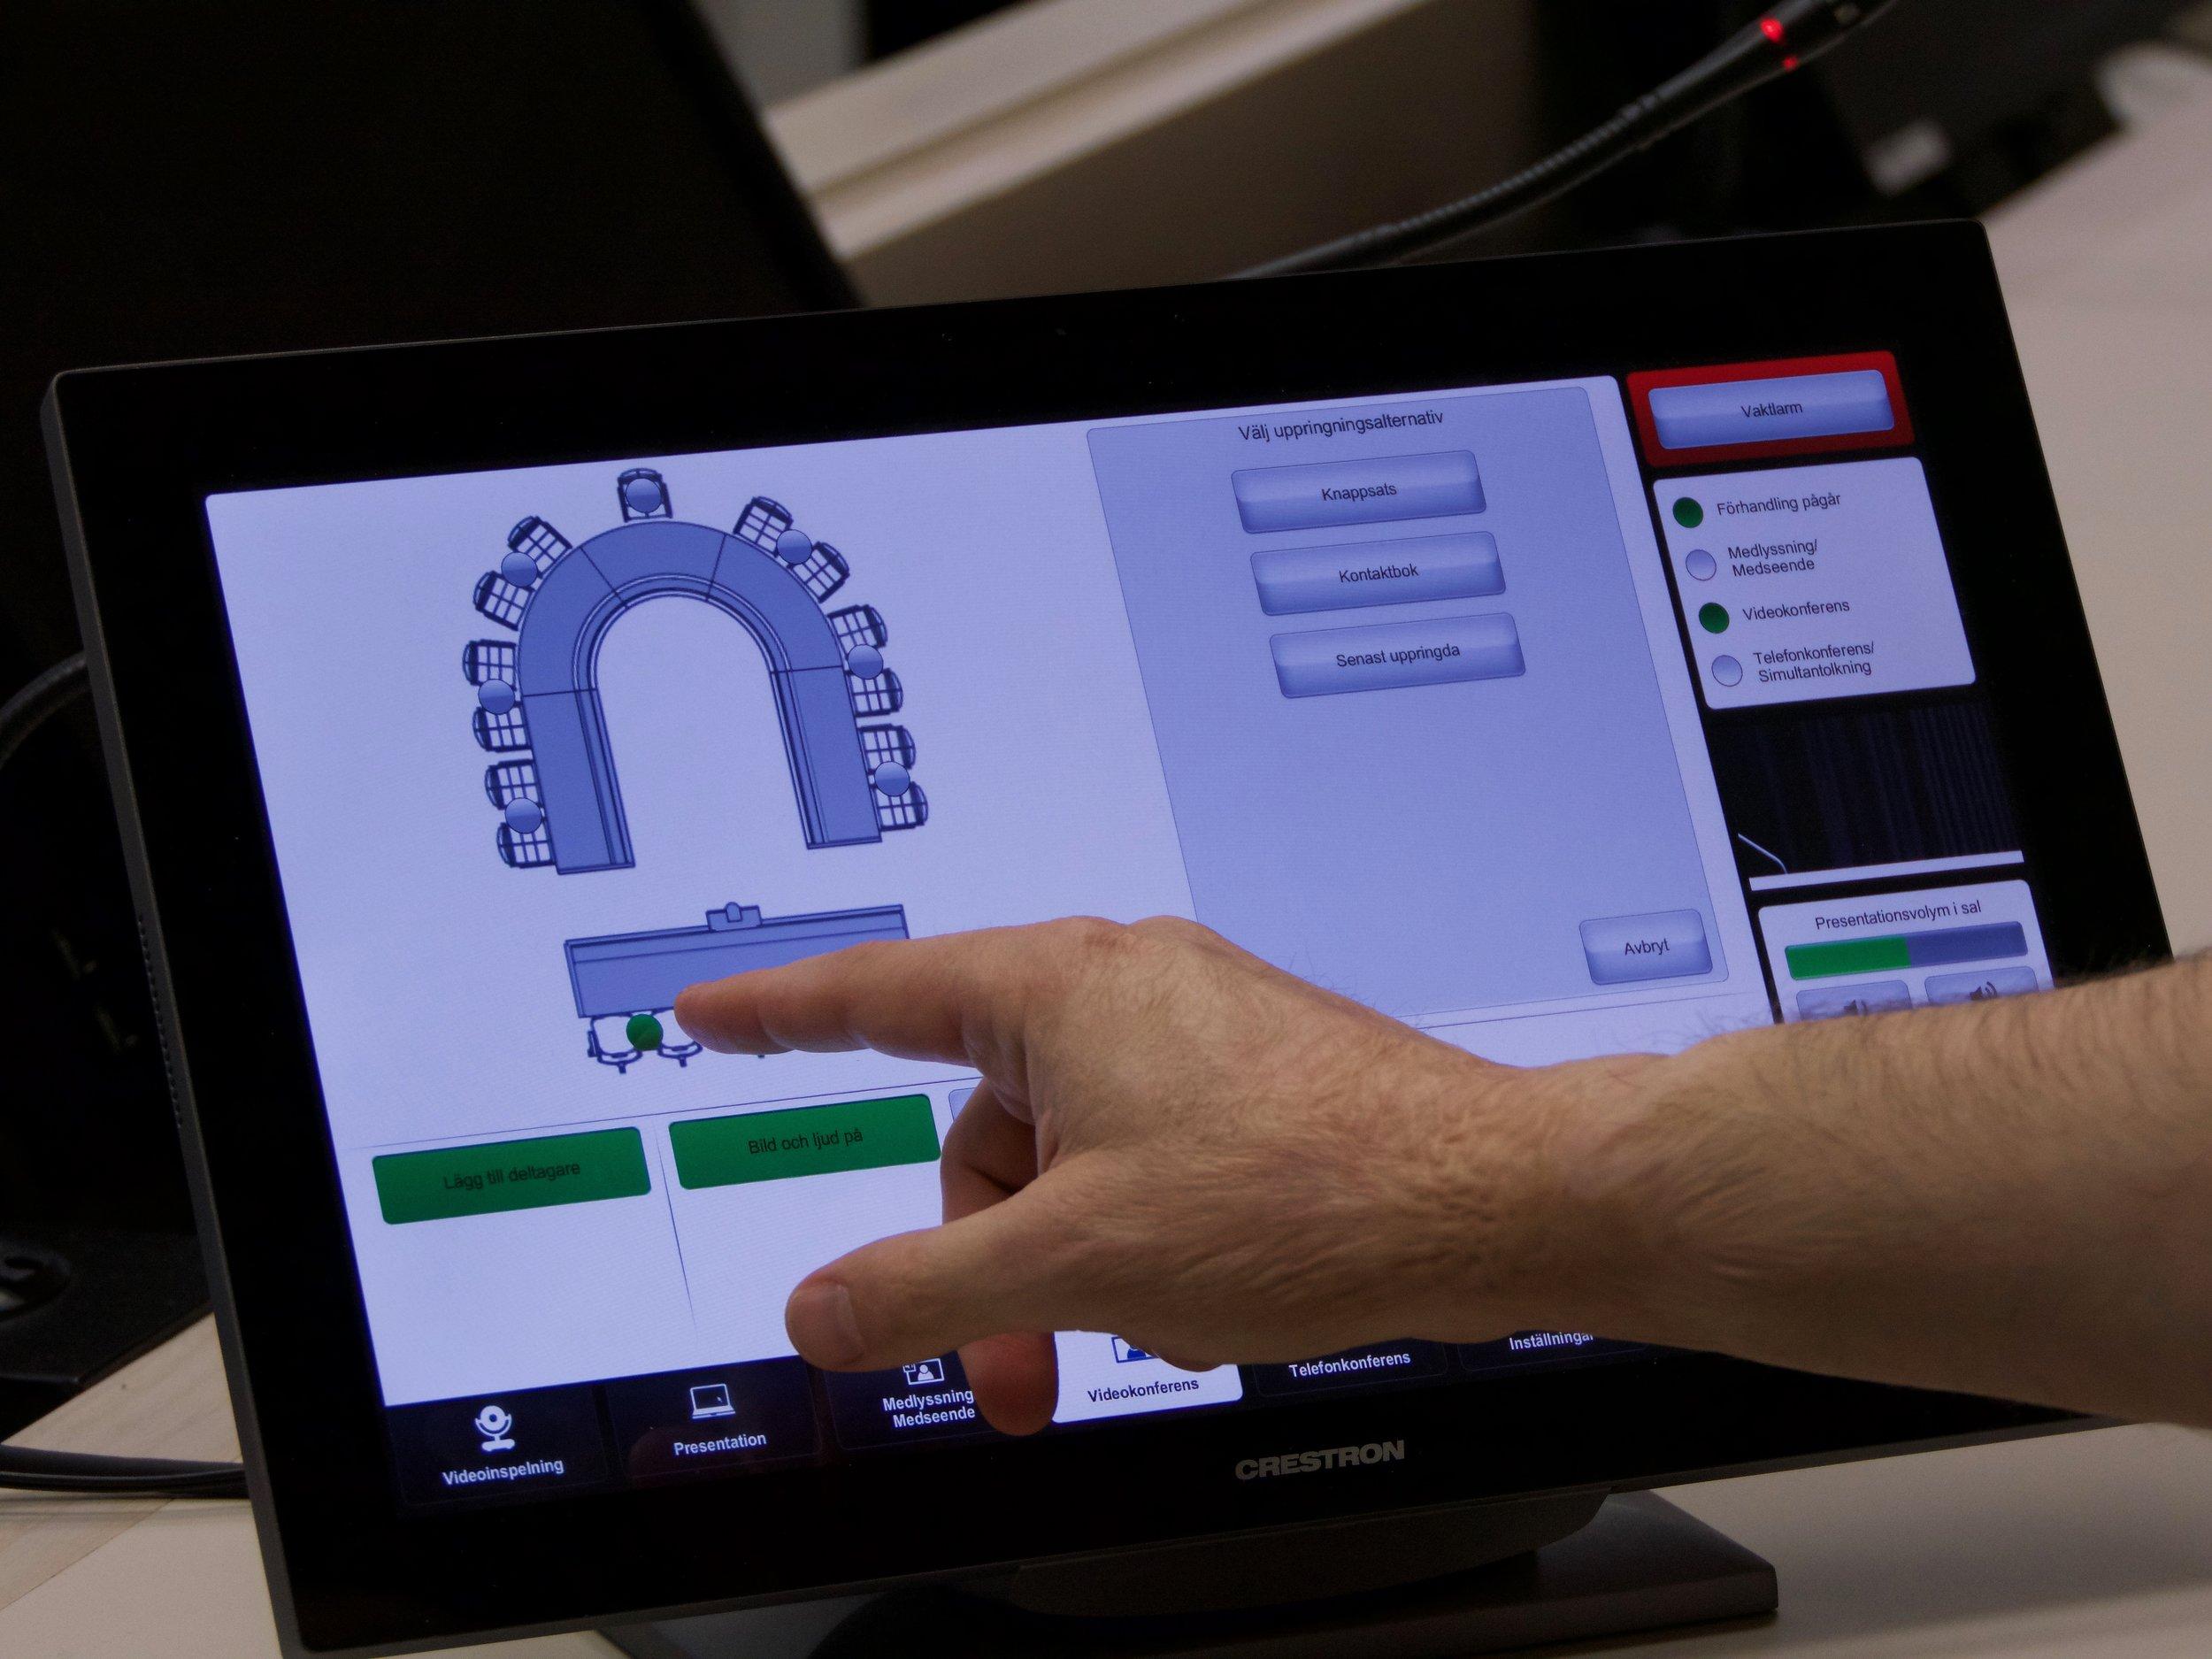 Det är jurister som styr kamerorna och all teknik med hjälp av en pekskärm, som oftast står mellan protokollföraren och domaren.